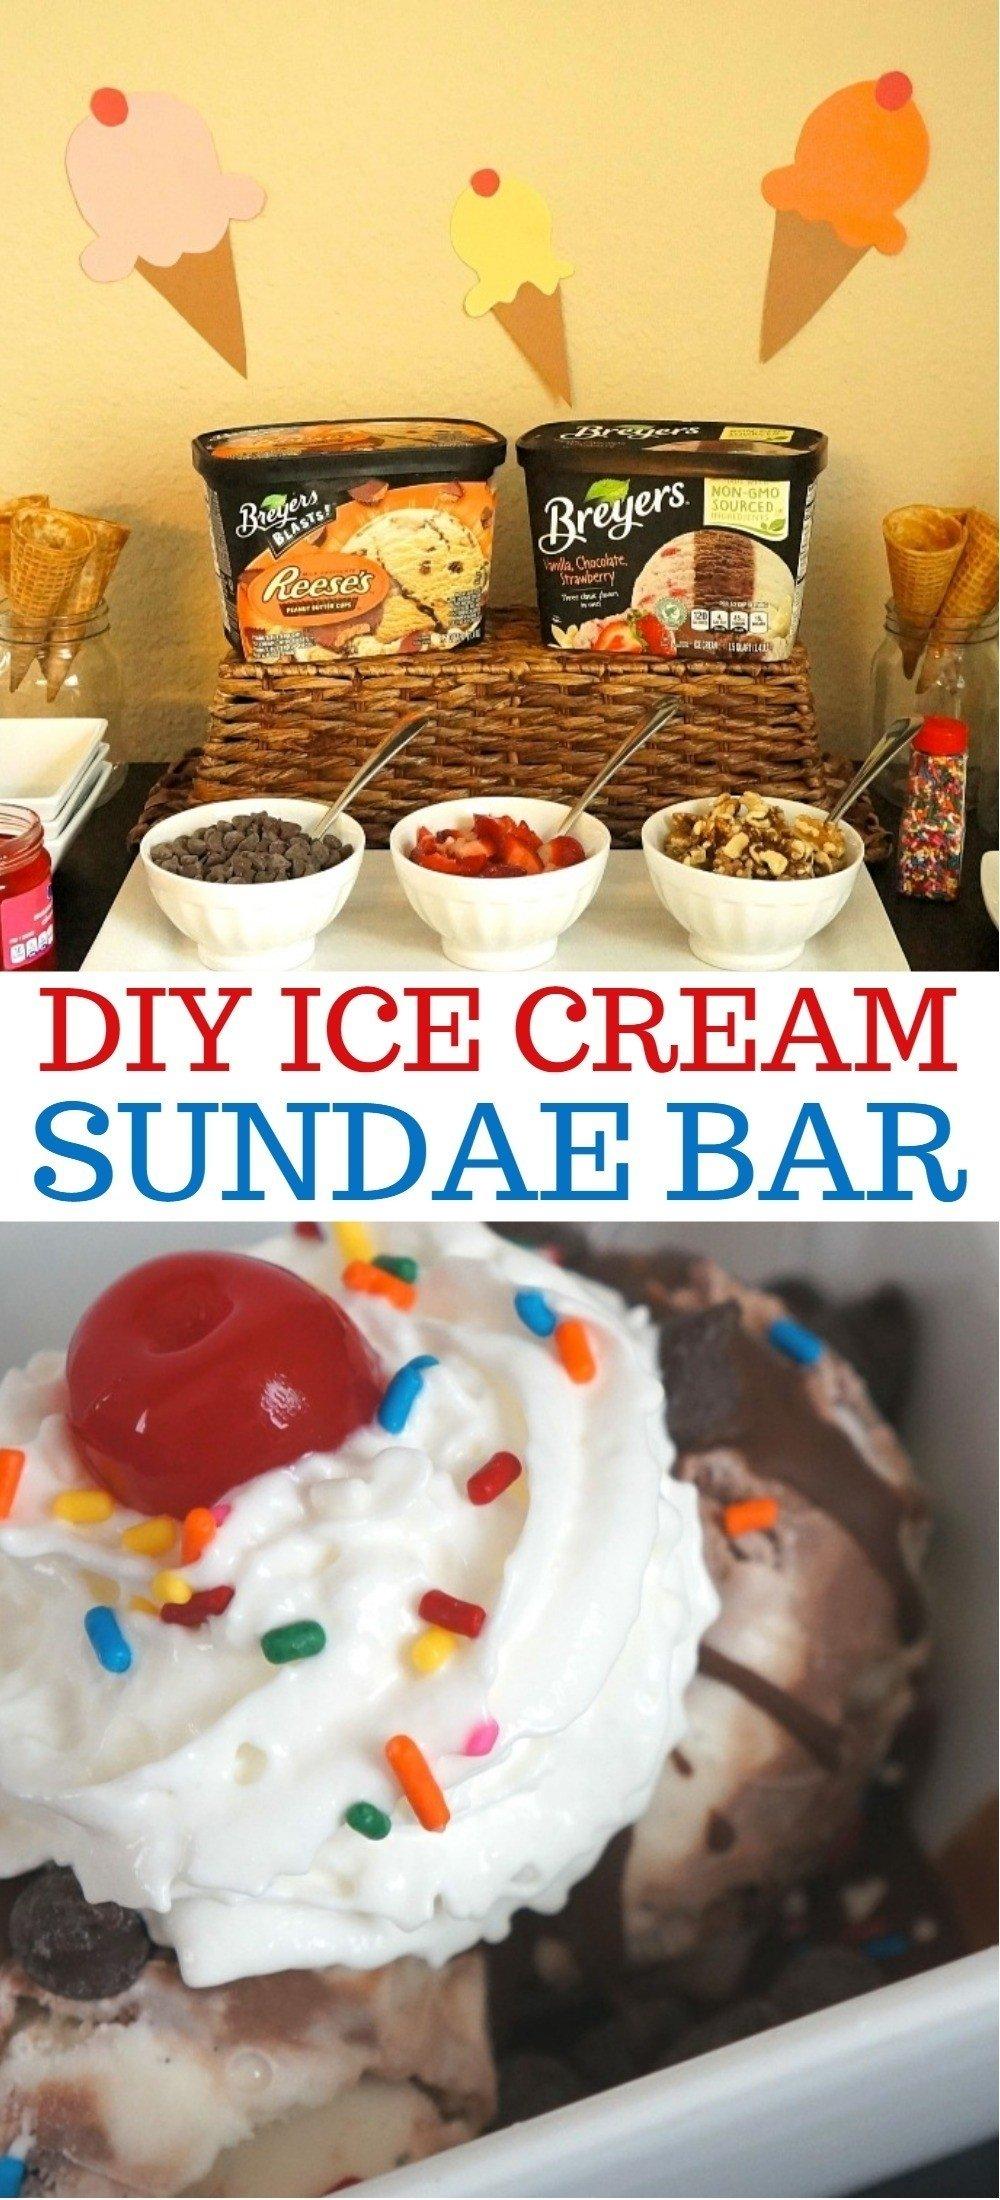 10 Beautiful Ice Cream Sundae Bar Ideas celebrate the end of summer with a tasty diy ice cream sundae bar 2020